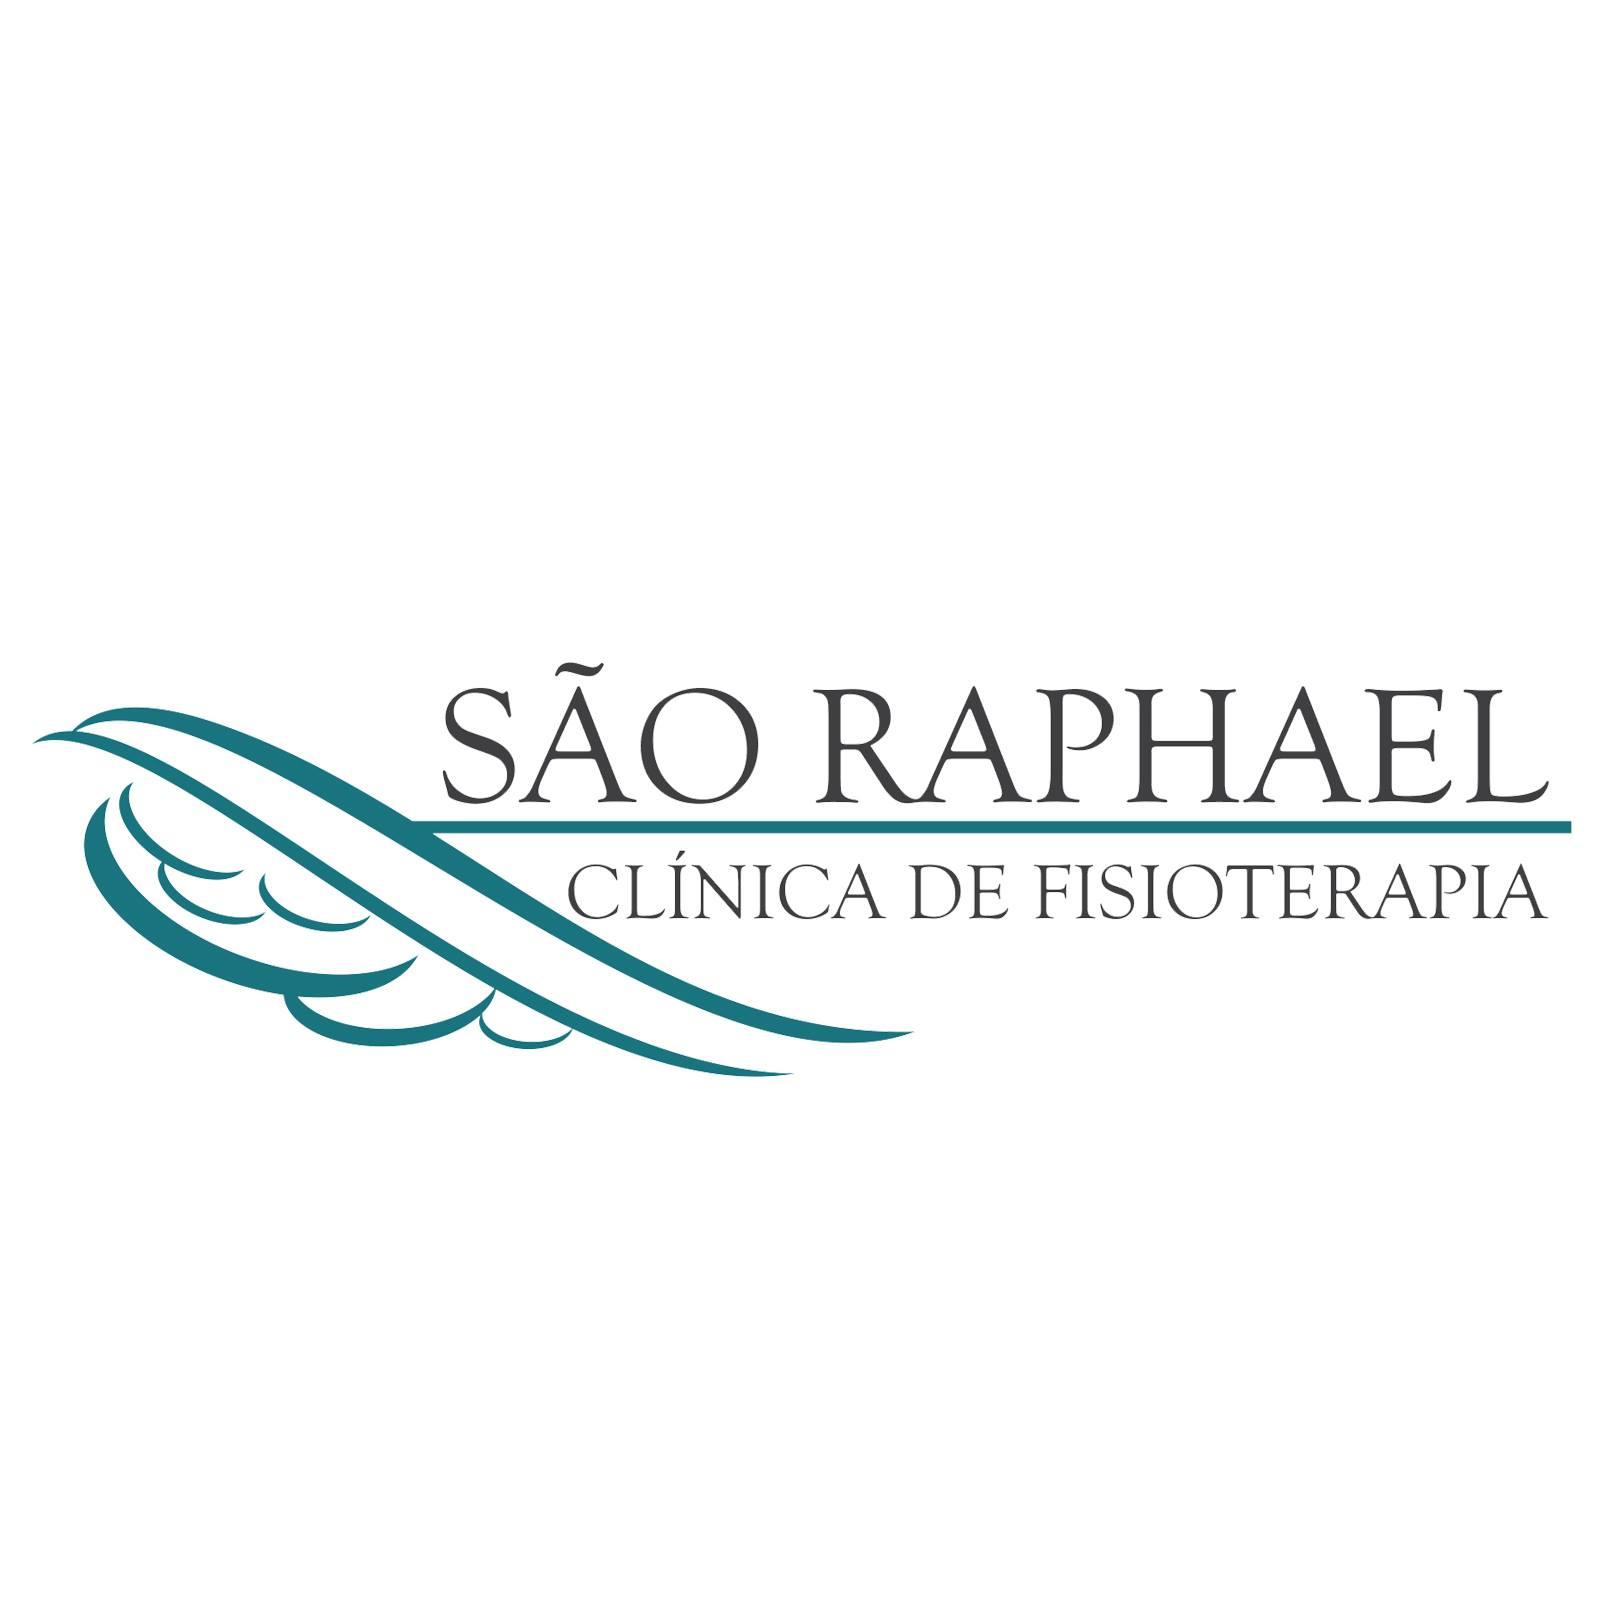 Clínica de Fisioterapia São Raphael